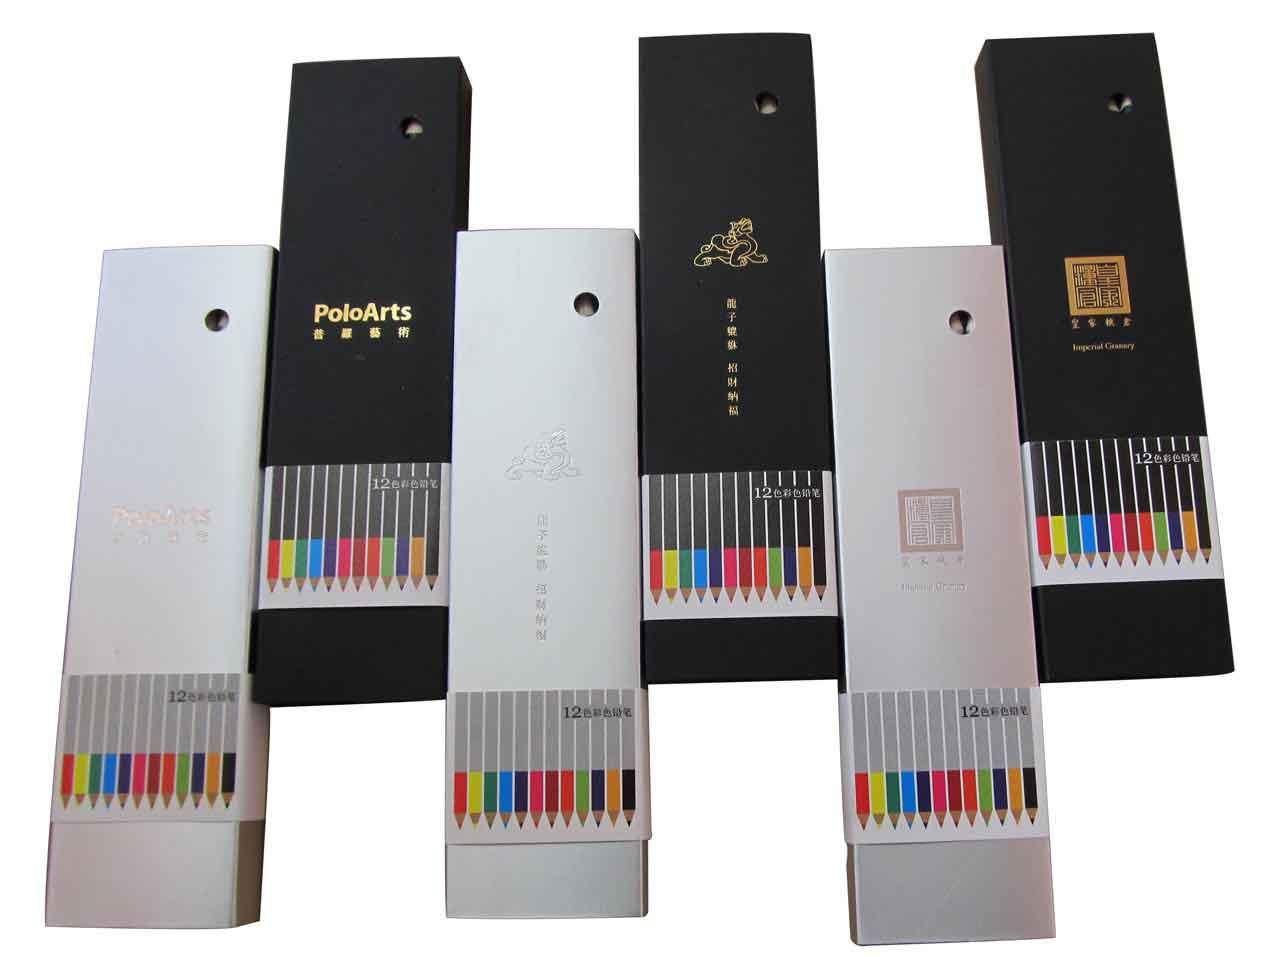 包装 包装设计 设计 1280_980